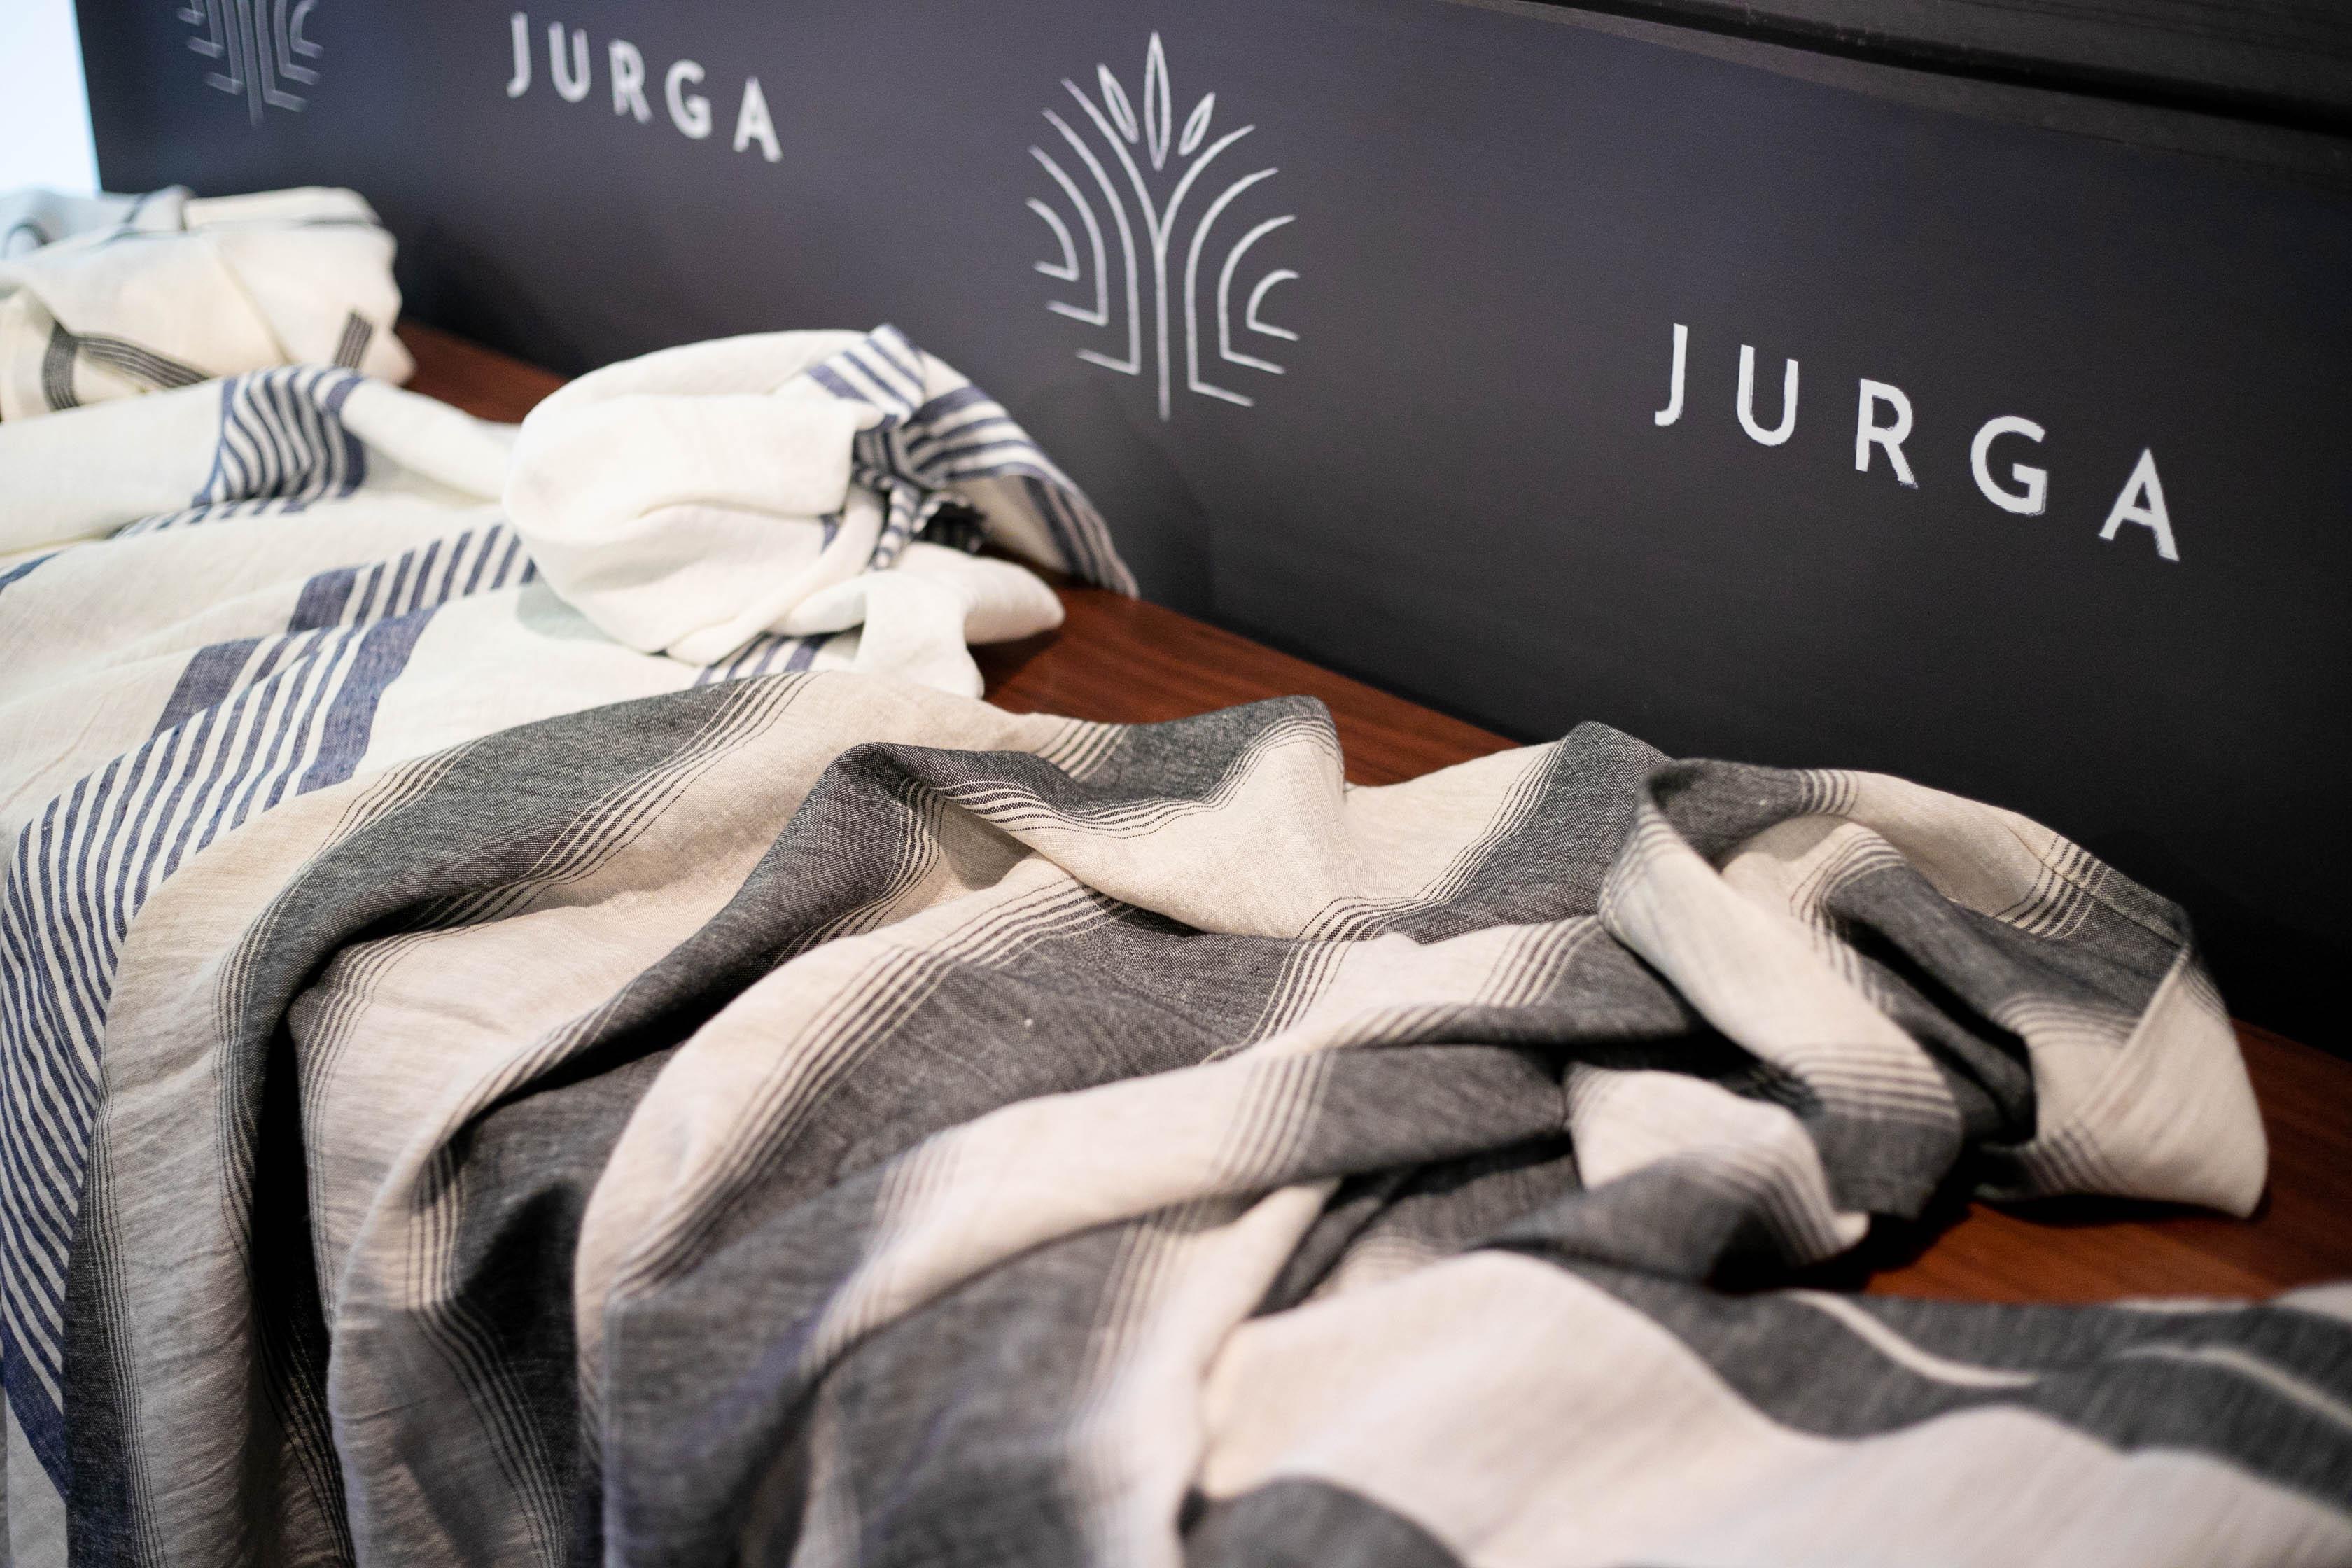 駐日リトアニア共和国大使館にてJURGA(ユルガ)のPress発表会を開催いたしました!